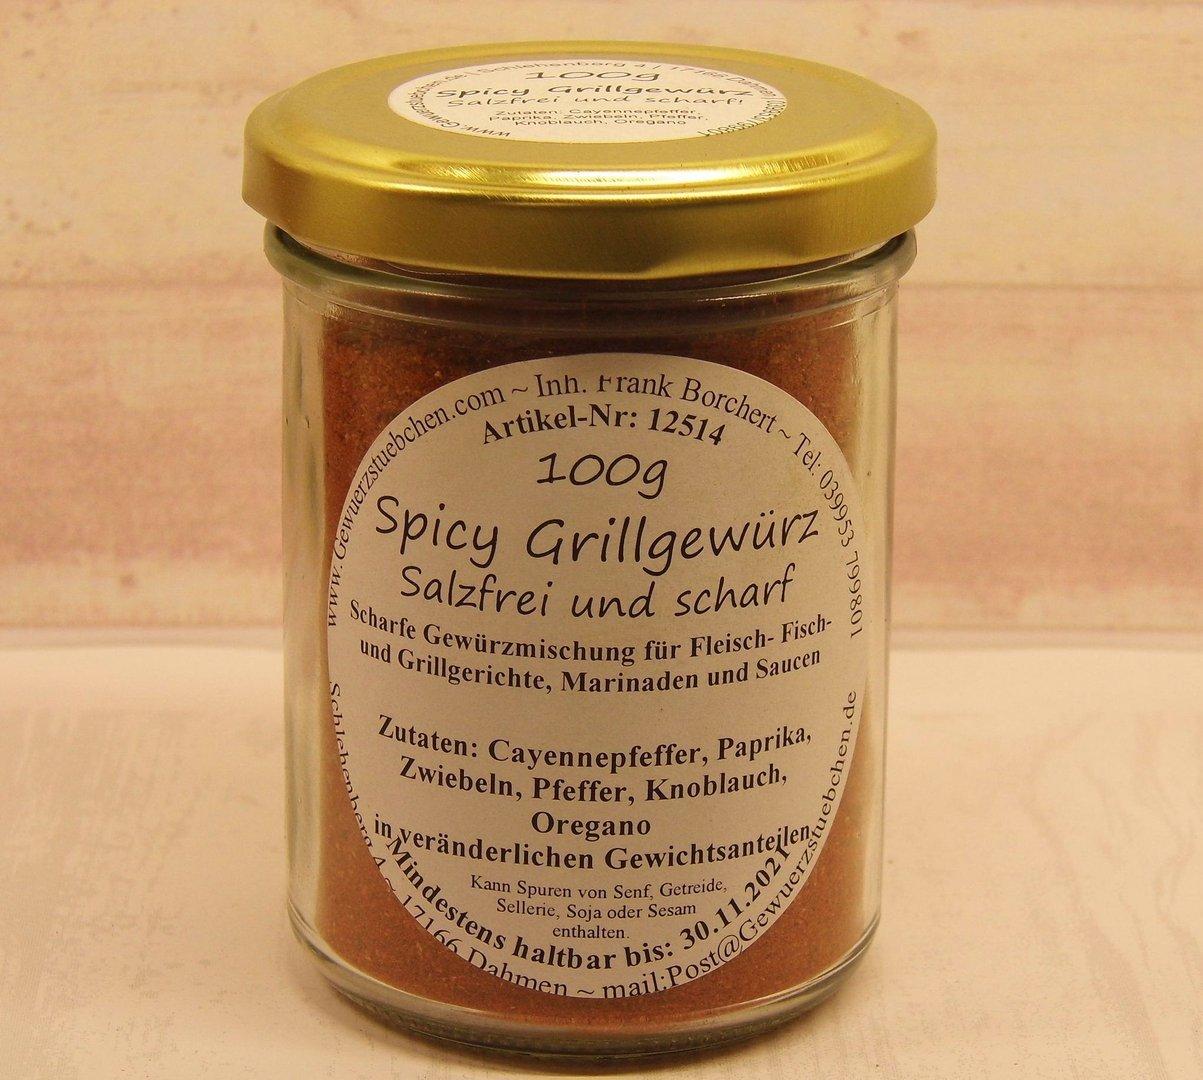 Spicy Grillgewürz (100g)